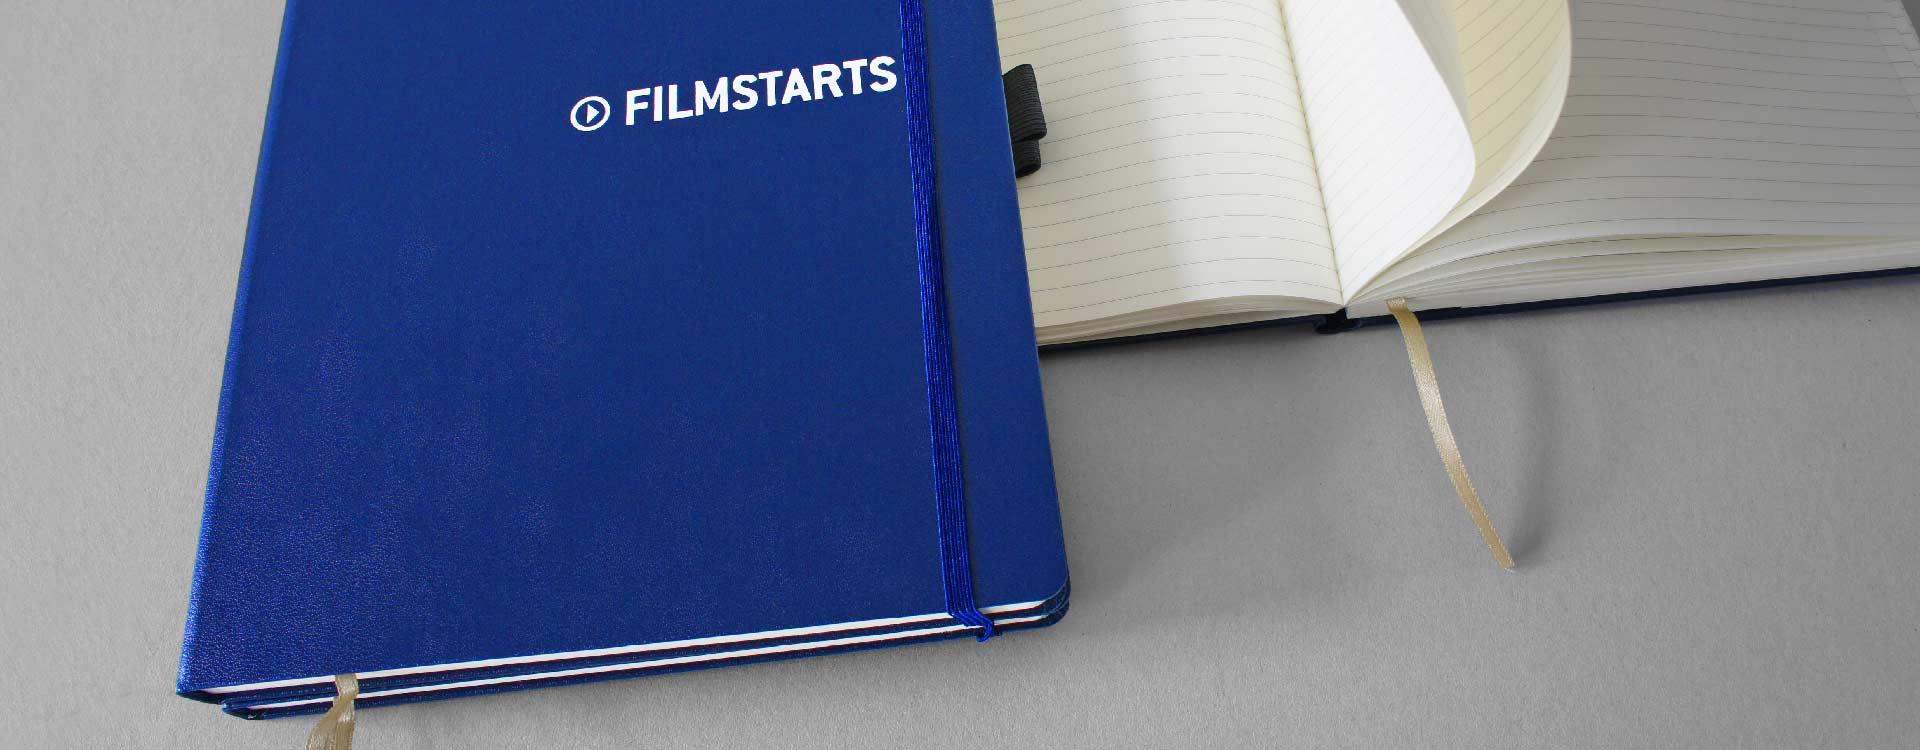 Notizbuch mit dem geprägten Filmstarts-Logo